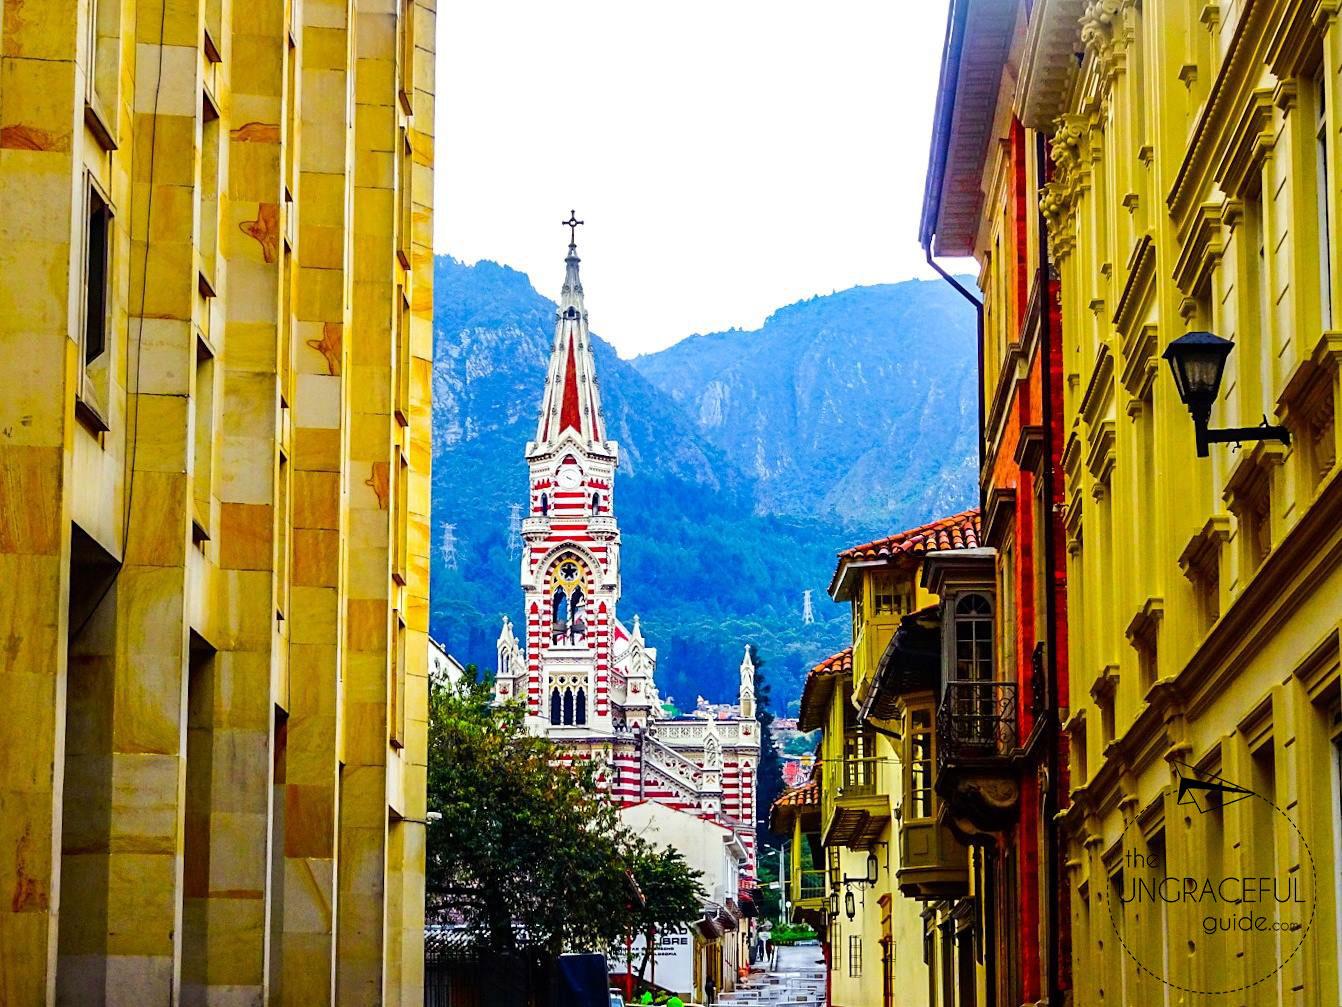 """Colombia: The Big and Busy Bogotá <img src=""""data:image/gif;base64,R0lGODdhAQABAPAAAP///wAAACwAAAAAAQABAEACAkQBADs="""" data-lazy-src=""""images/"""" width=""""800"""" height=""""600"""" alt=""""bogotá - Bogota - Colombia: The Big and Busy Bogotá"""">"""